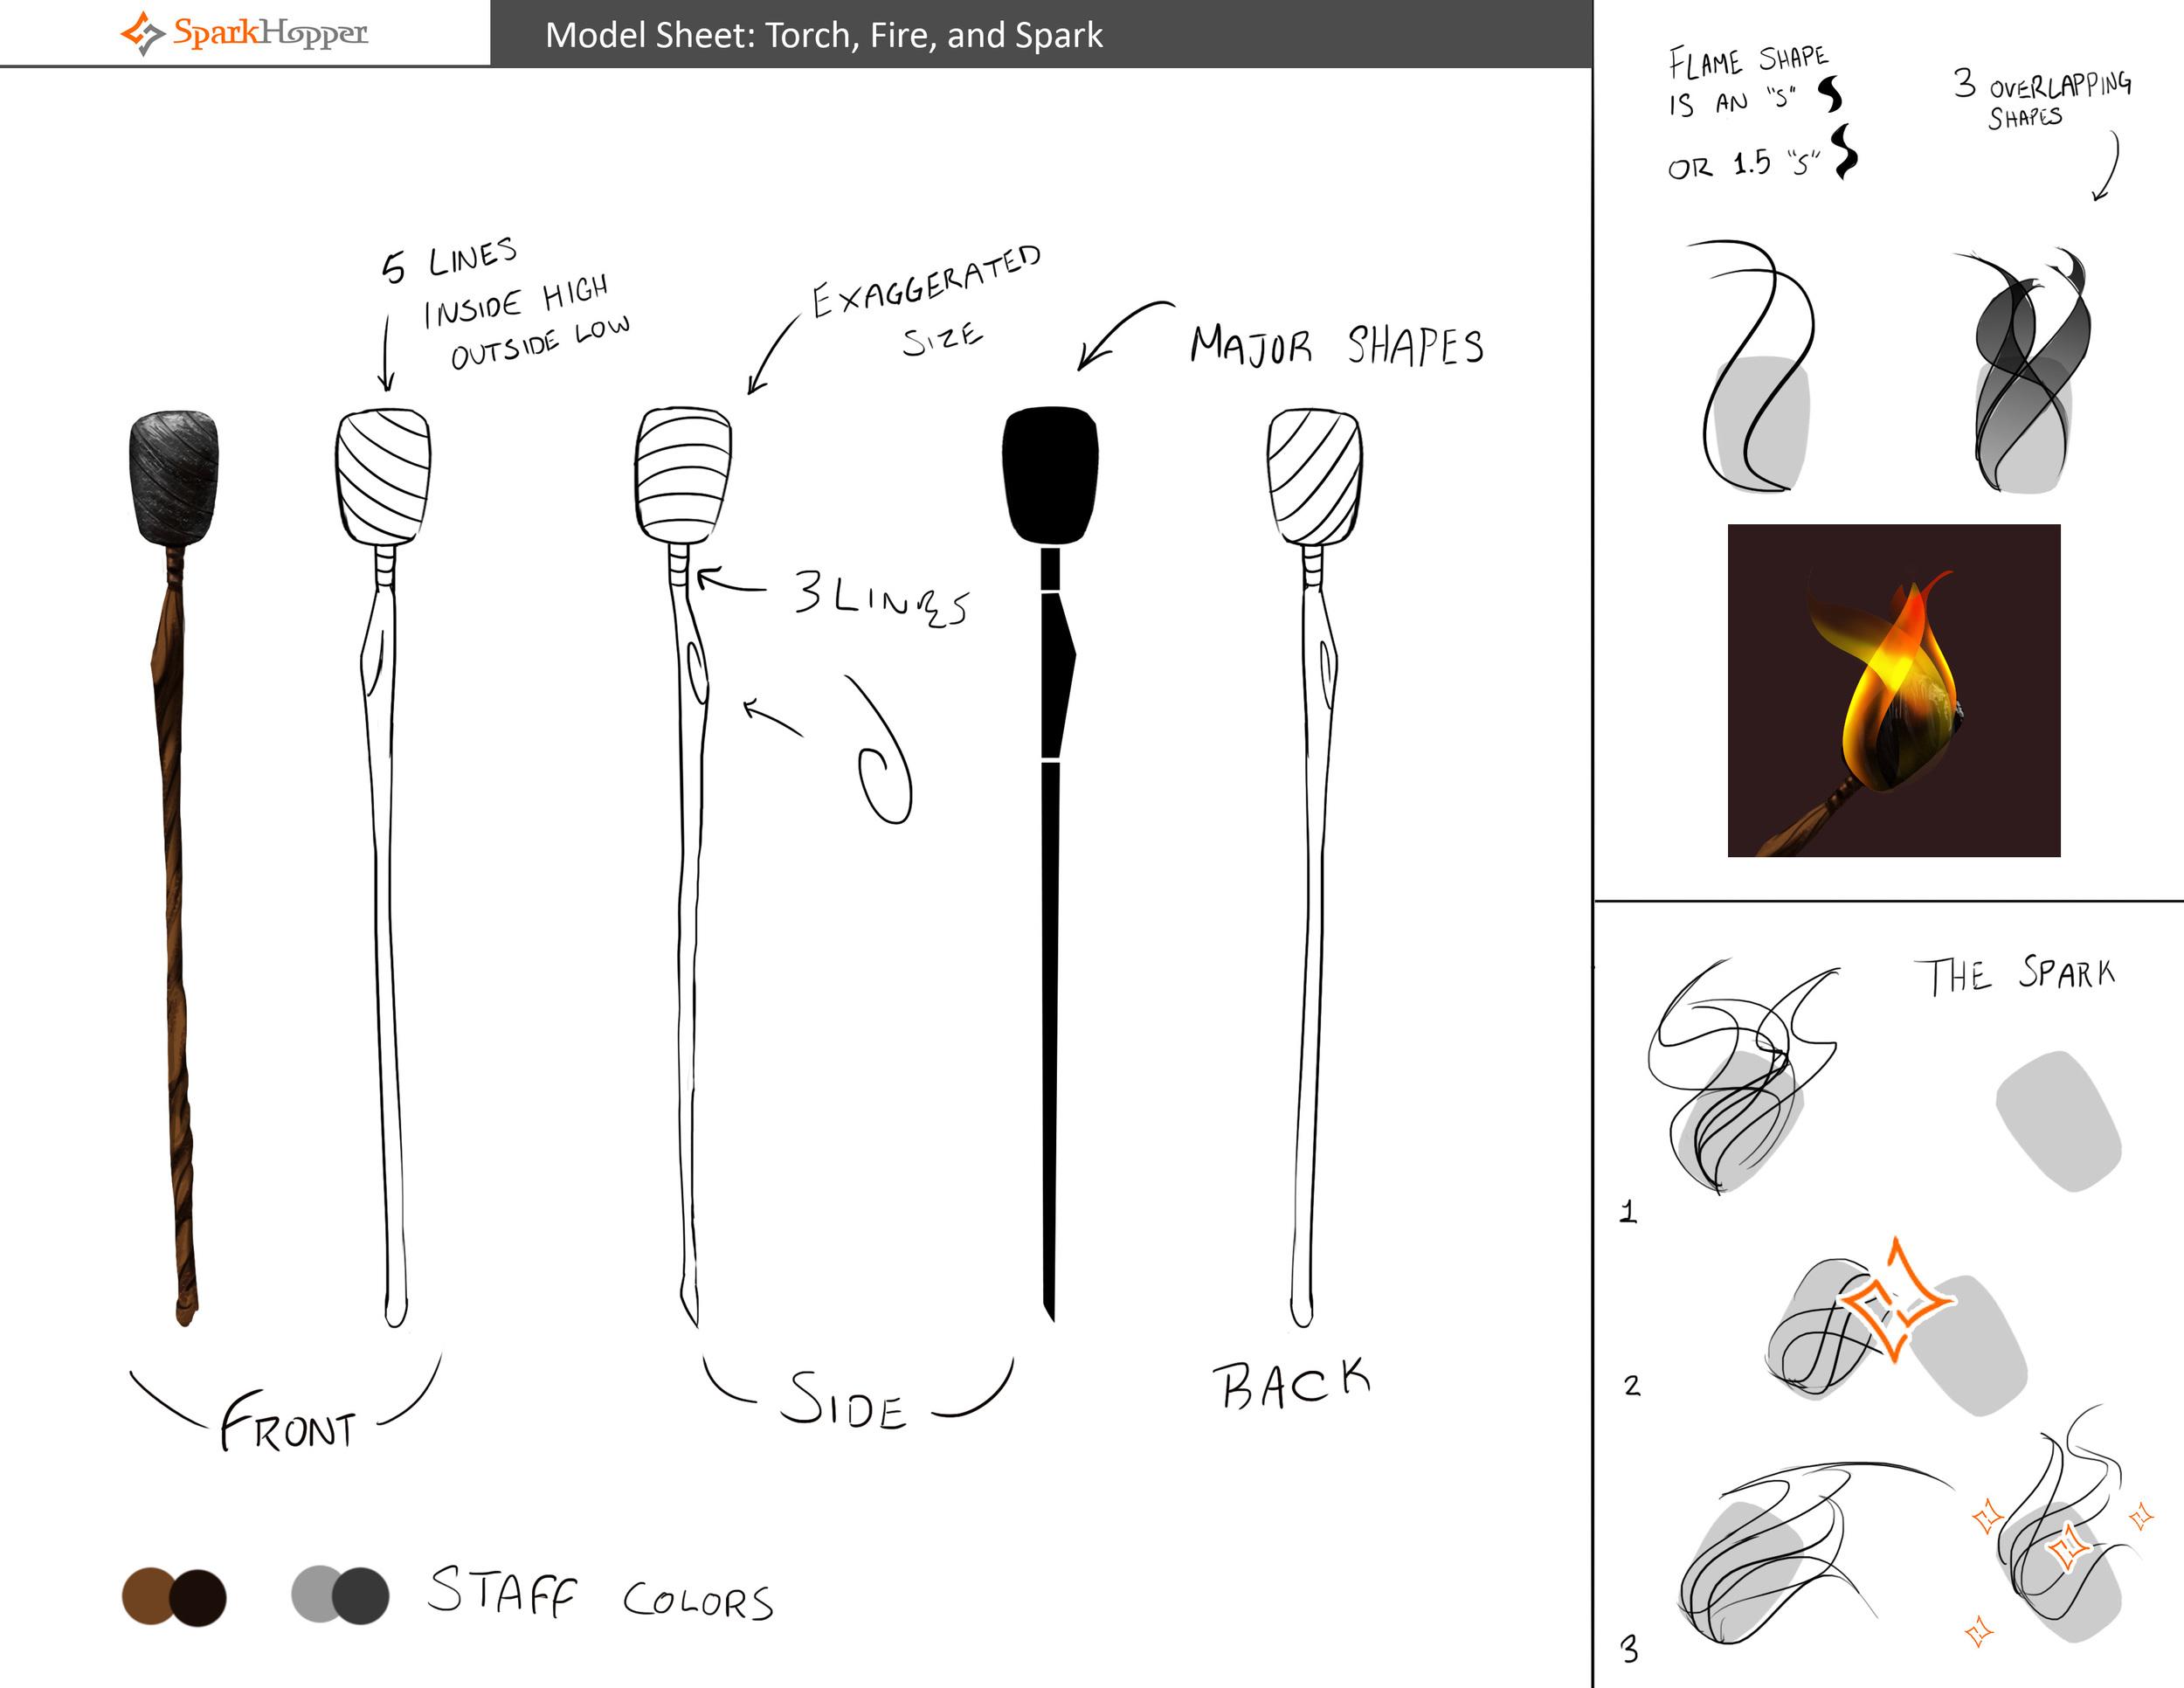 SparkHopper_ModelSheet-Torch.jpg